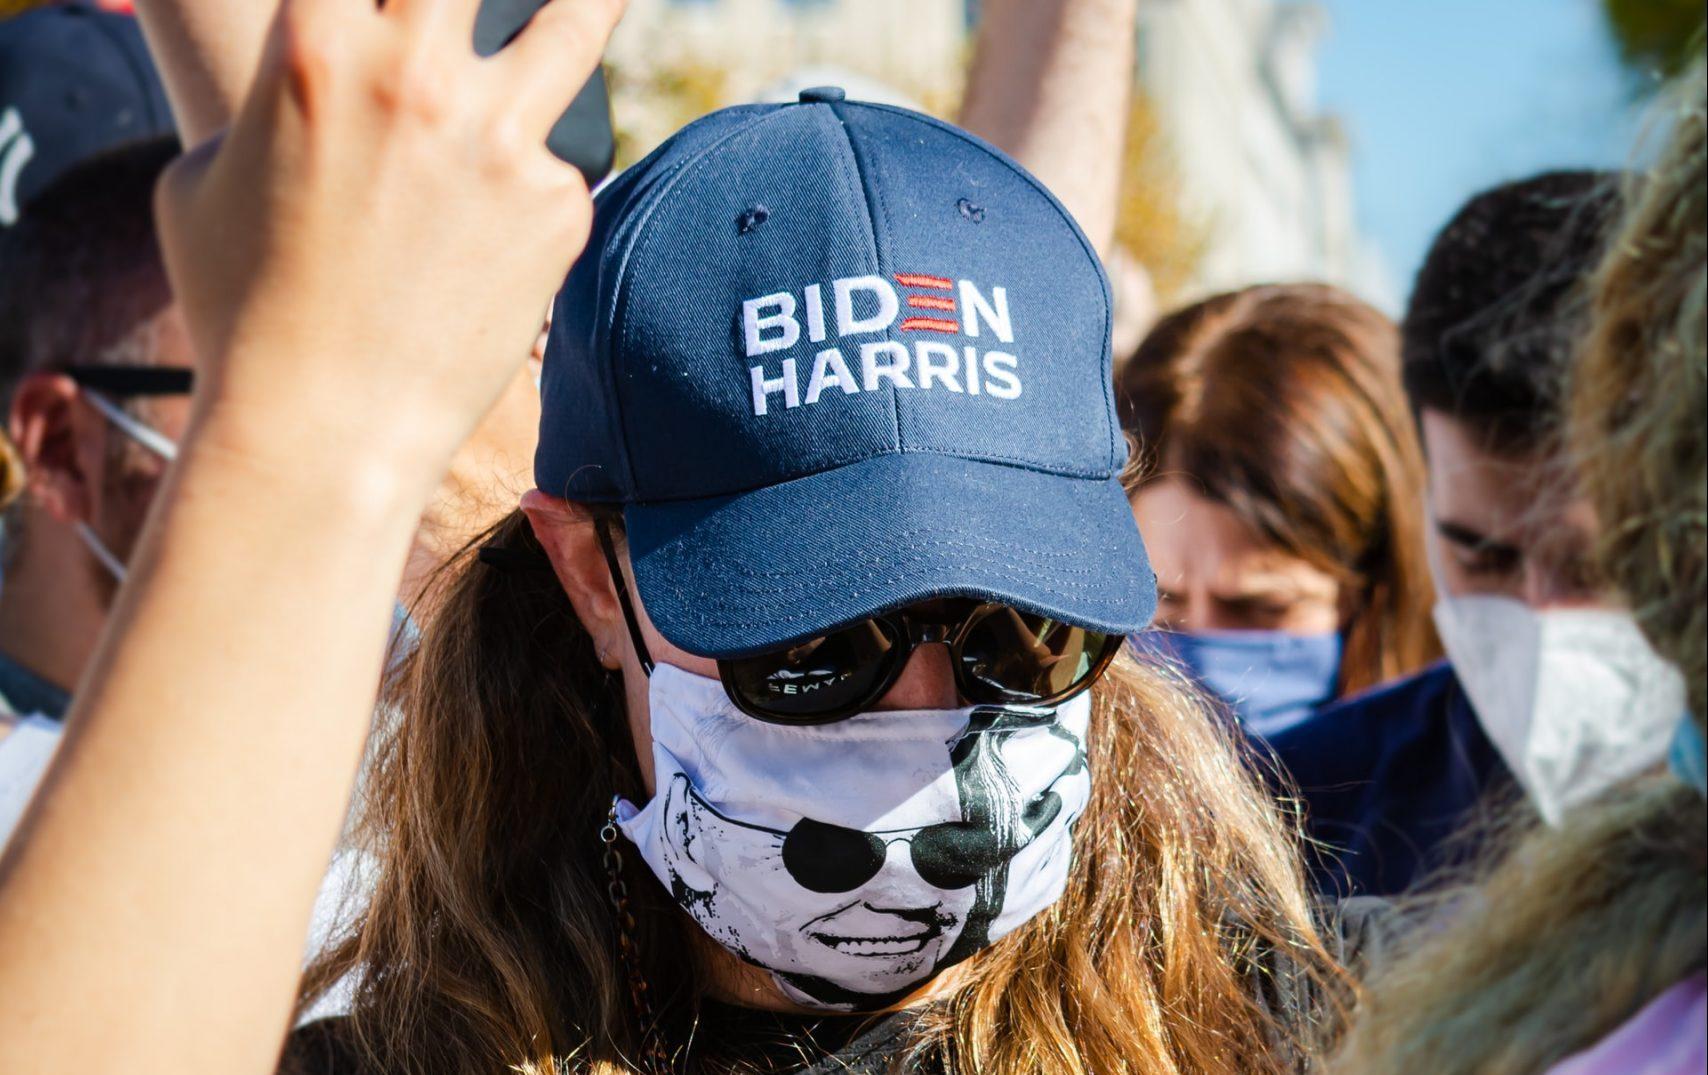 Mnogi iznenađeni Bidenovom podrškom Izraelu i odobravanjem vojne akcije u kojoj ginu civili